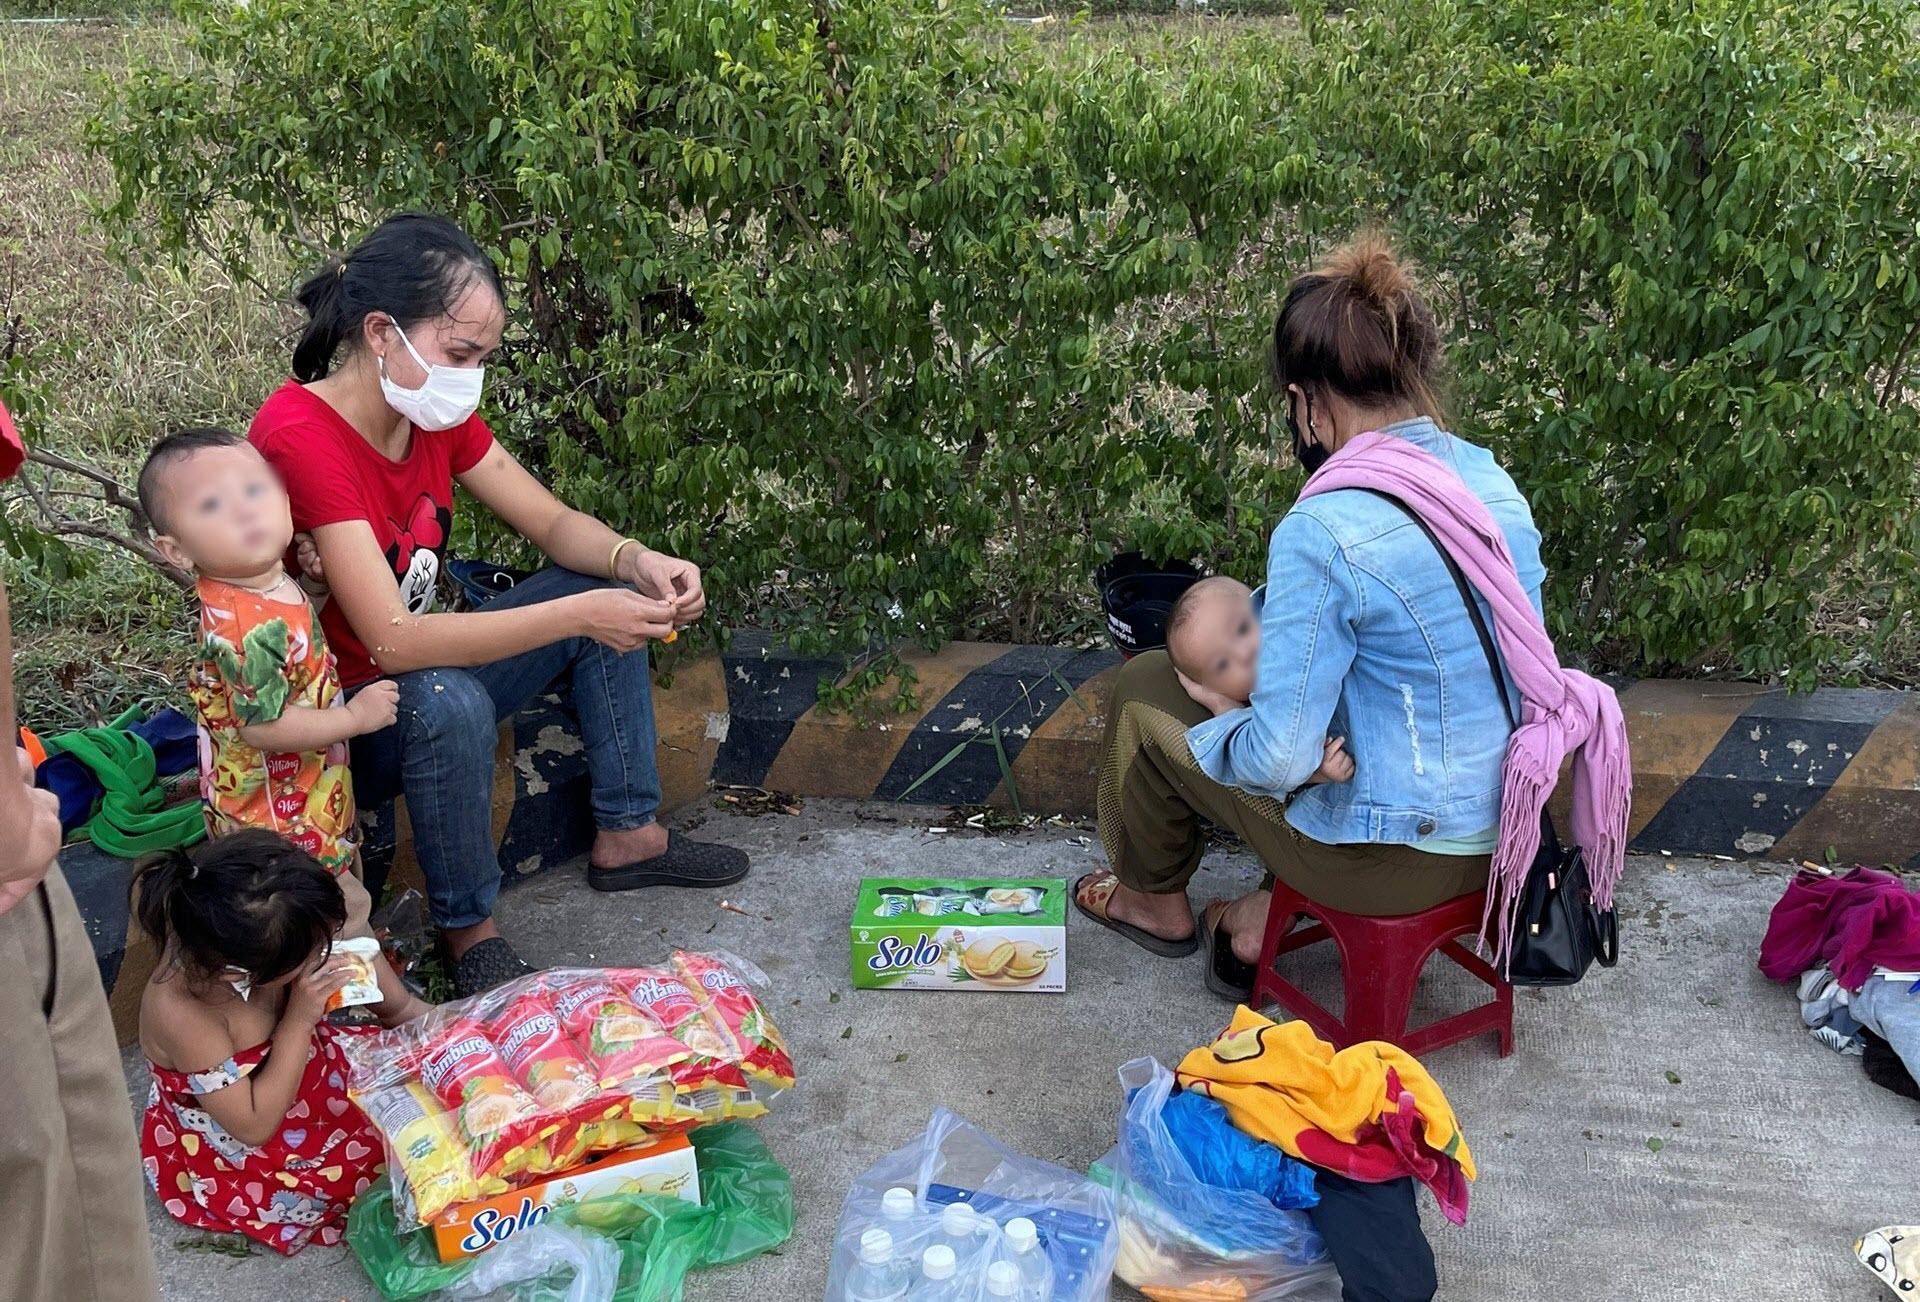 Chạy xe máy từ Bình Dương về Nghệ An, 2 ông chồng tá hỏa phát hiện vợ con bị 'bỏ quên' giữa đường - Ảnh 1